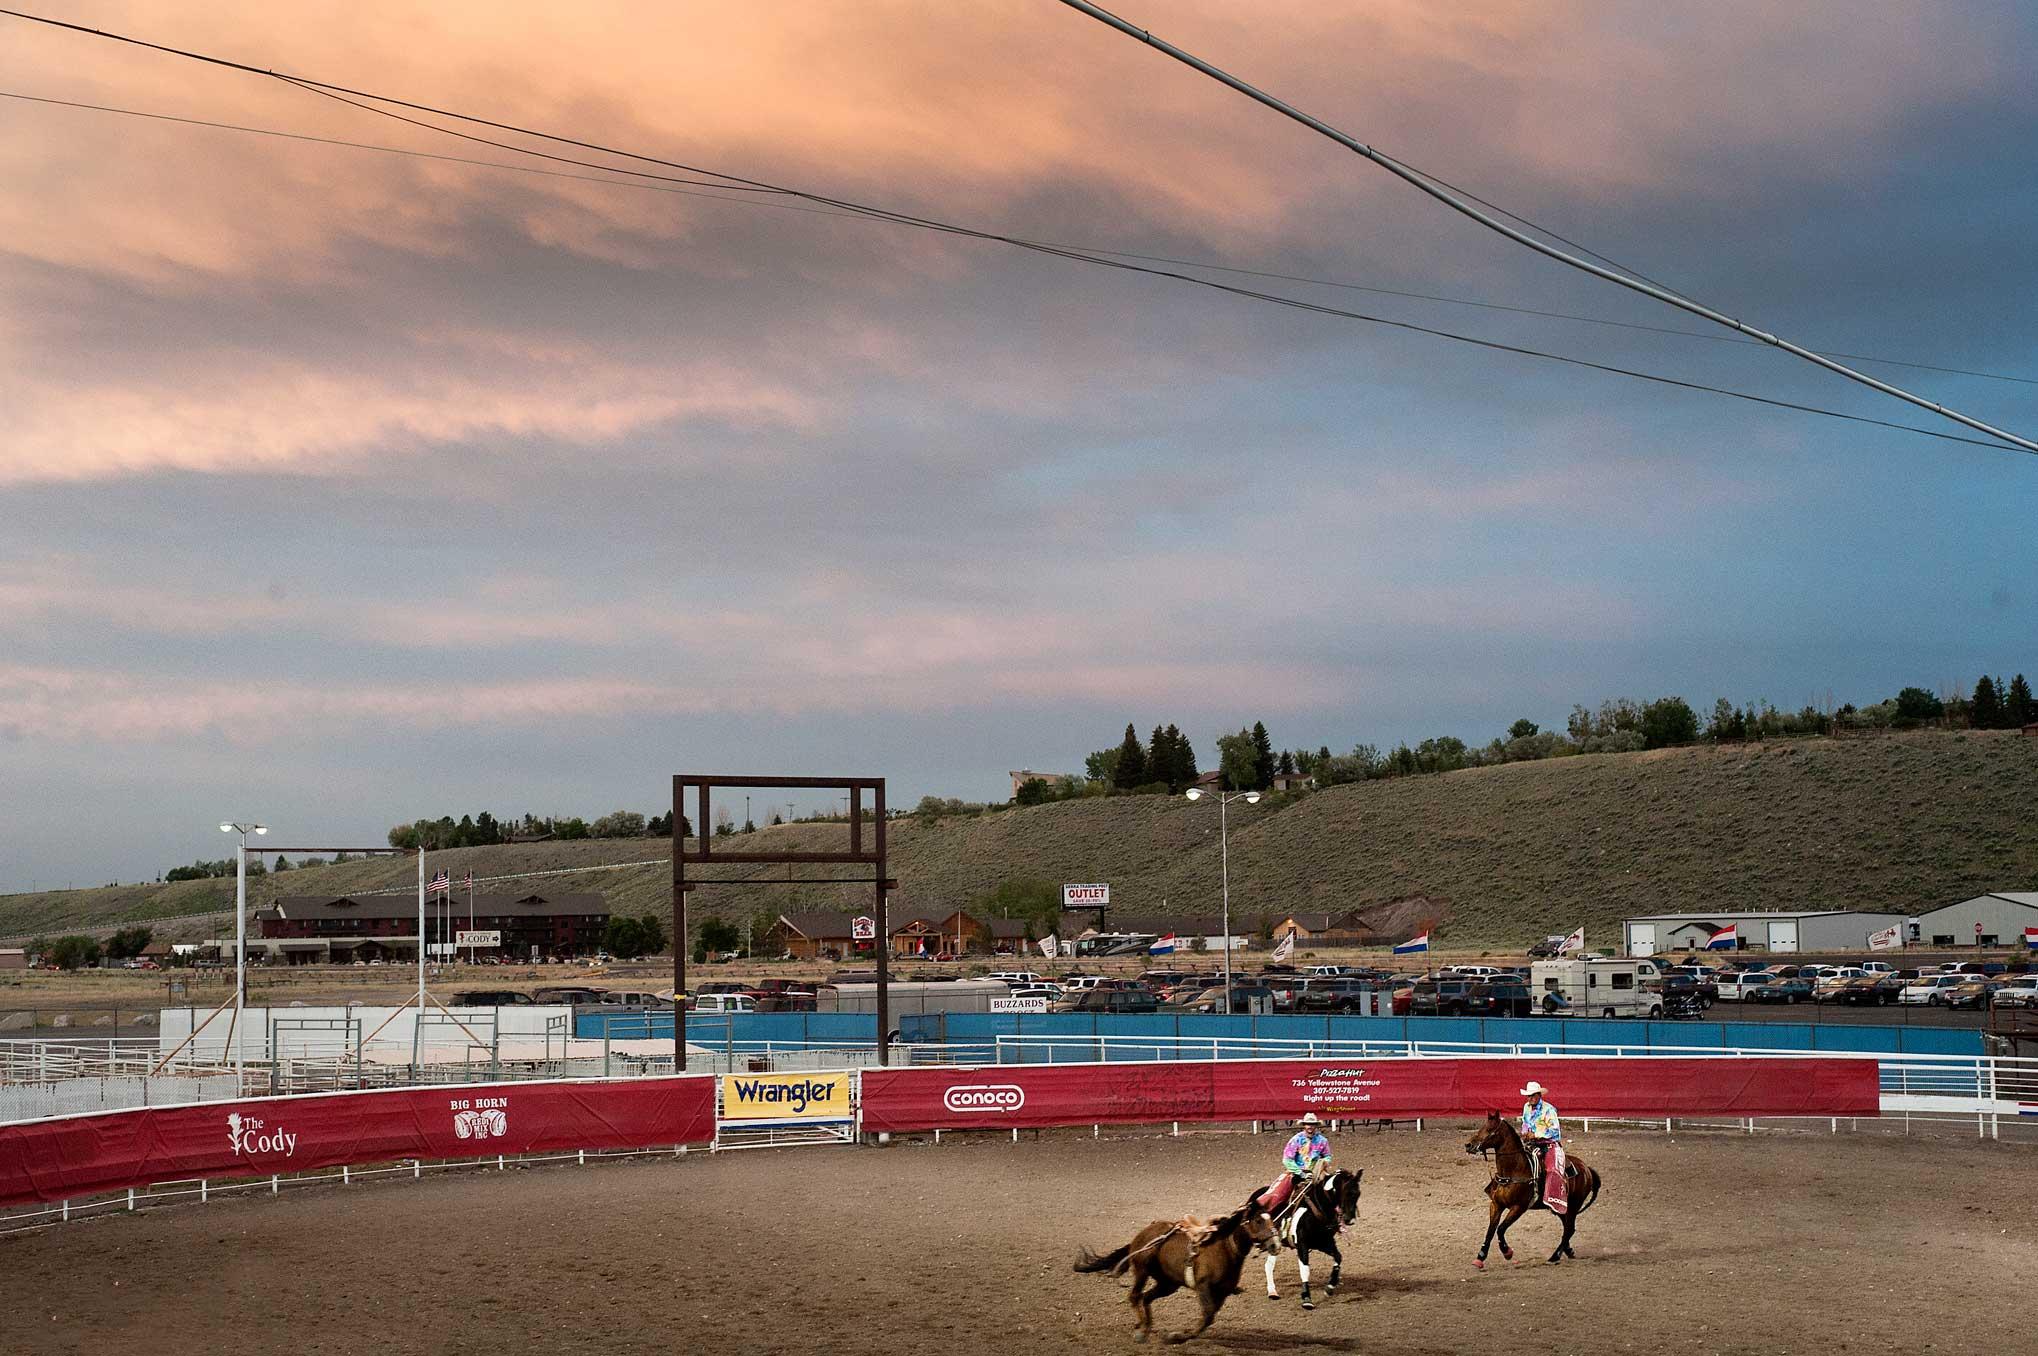 Cody Wyoming, USA